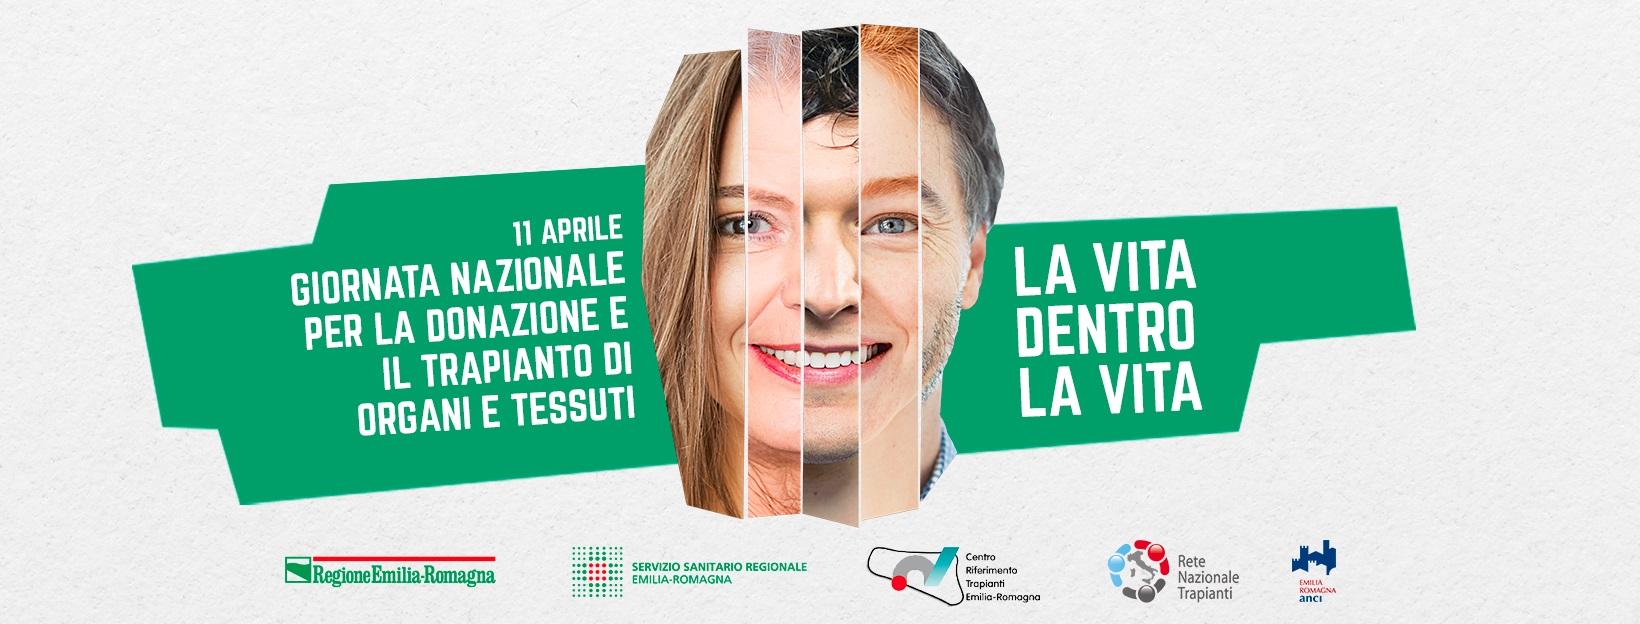 Domenica 11 aprile, Giornata nazionale per la donazione e il trapianto di organi e tessuti